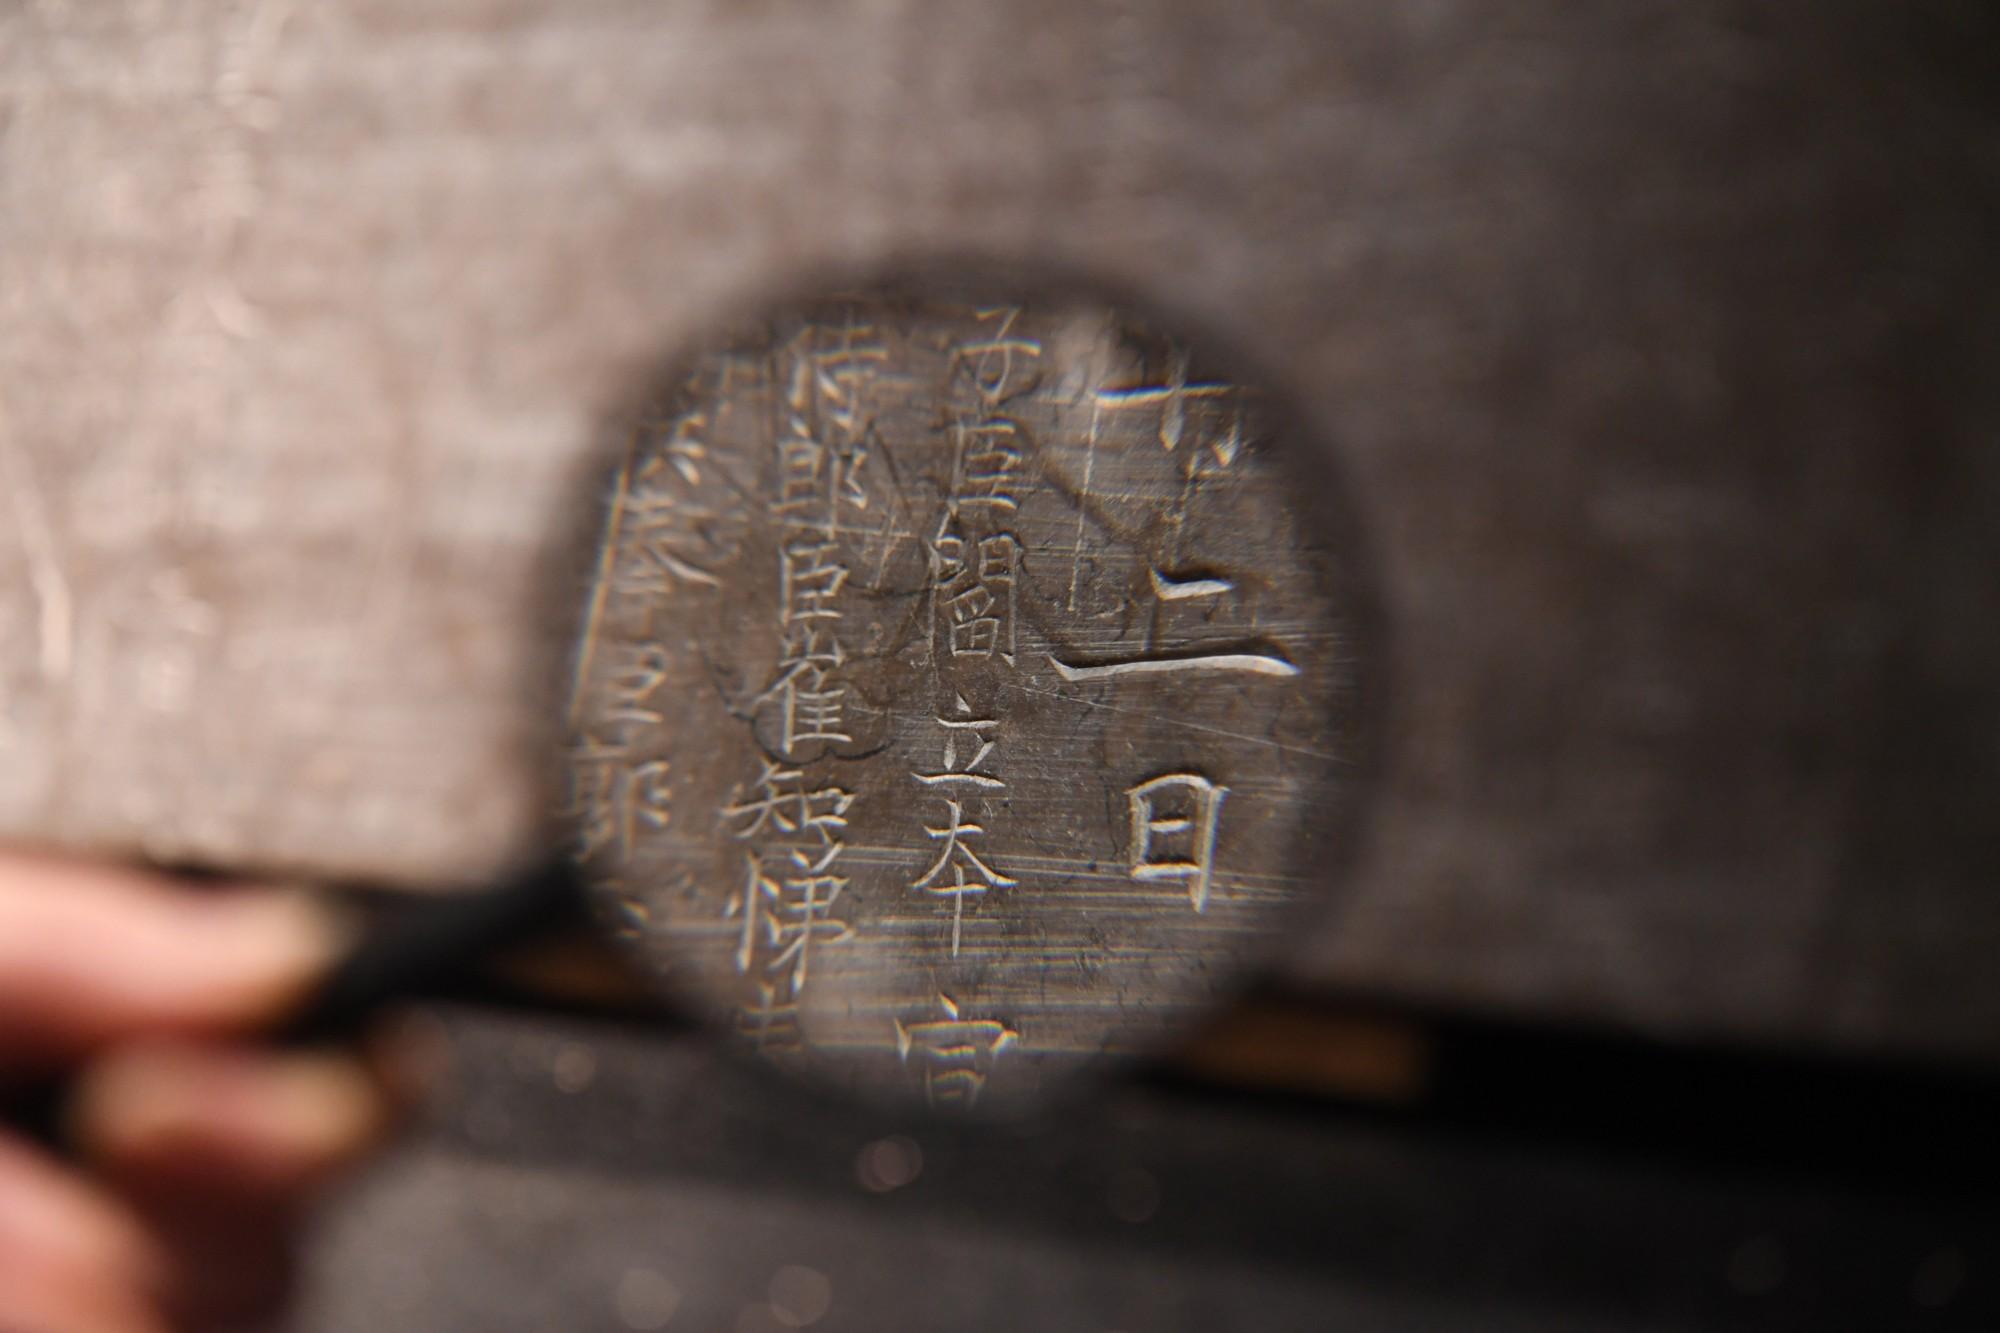 石刻诏书(唐封纪王慎第六女归顺县主制)